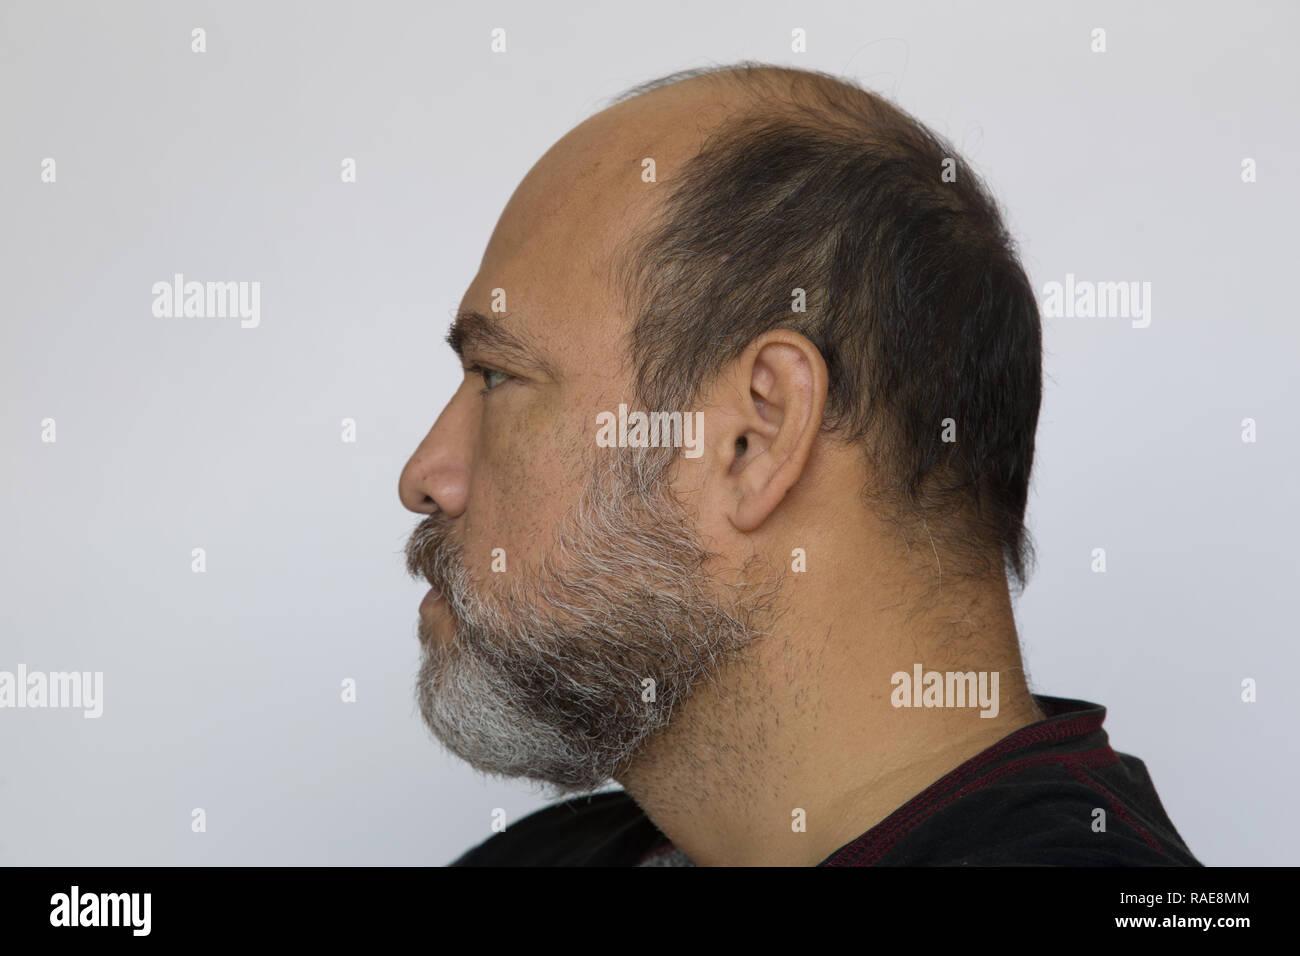 Autorretrato, disparo a la cabeza, vista lateral. Imagen De Stock